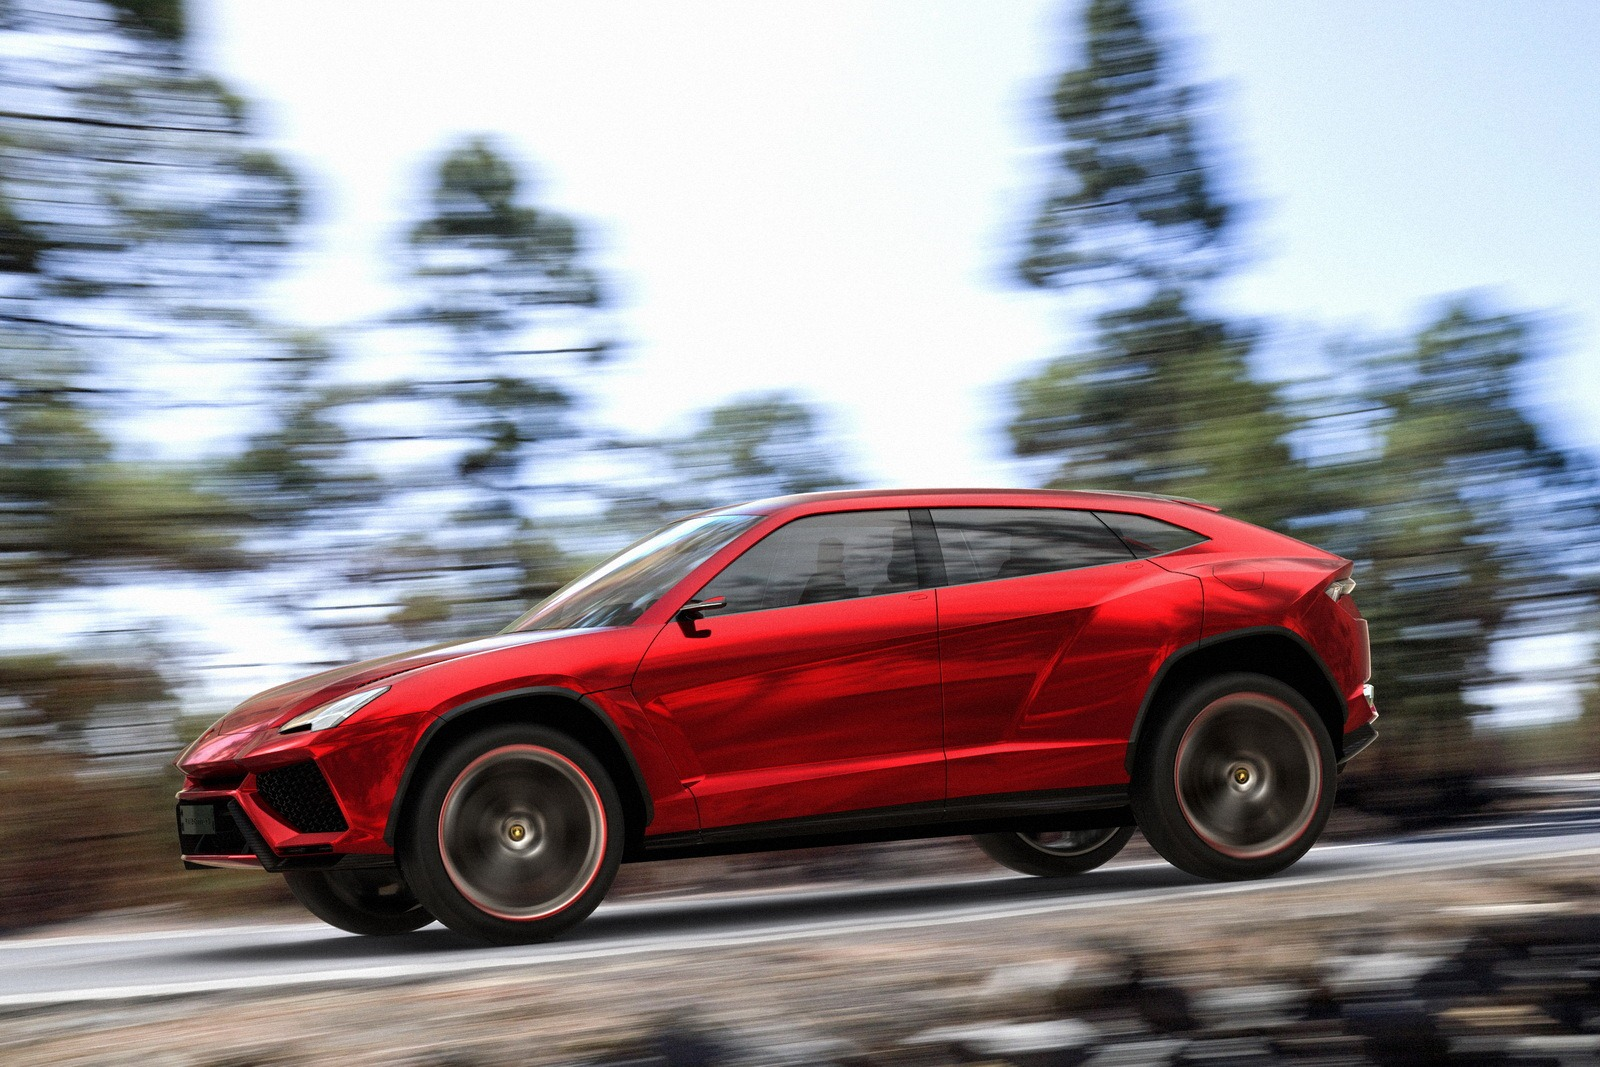 Lamborghini-Urus-11%255B3%255D.jpg